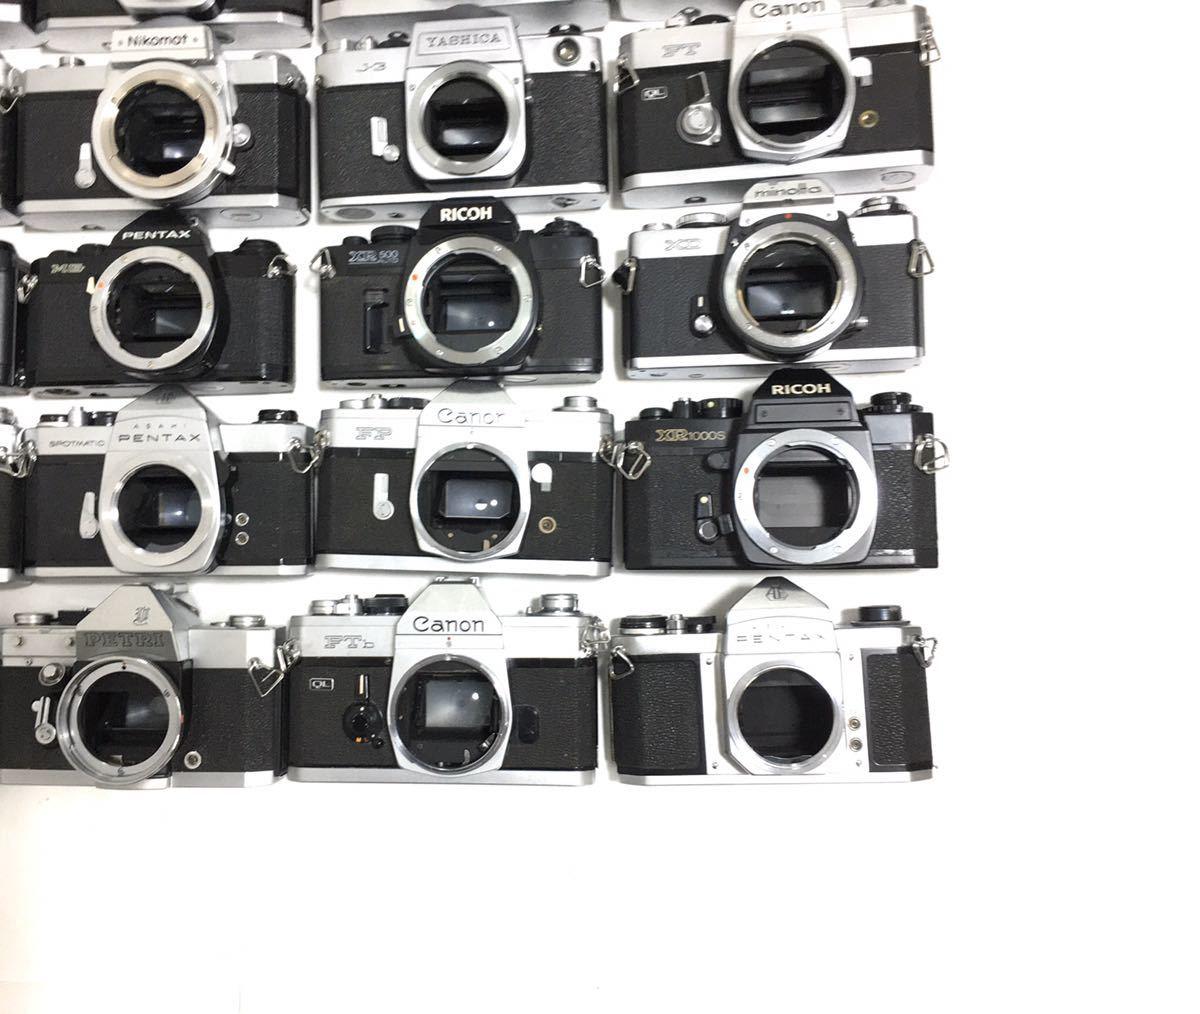 フィルムカメラ 一眼レフ マニュアル 40台 まとめ 大量セット Canon PENTAX MINOLTA Nikon YASHICA RICHO FUJICA その他 動作未確認_画像10